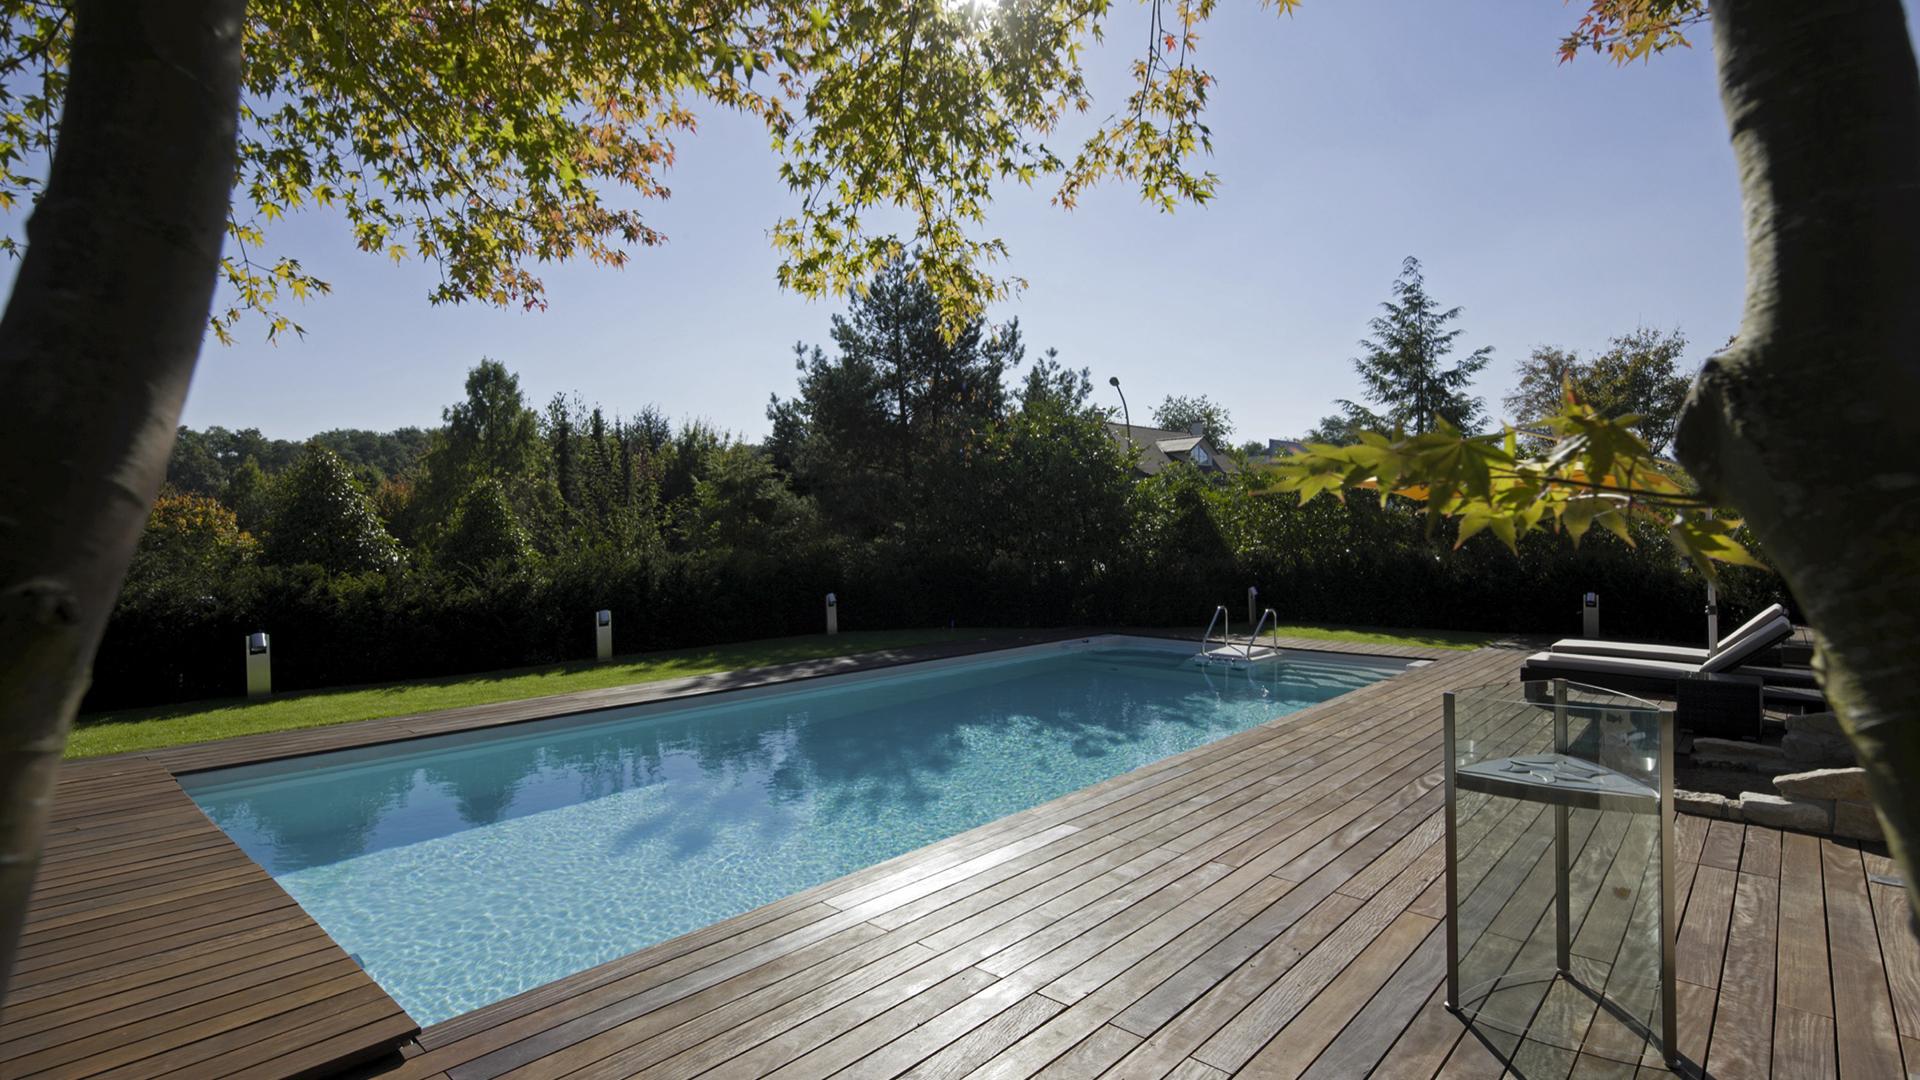 Poolbauarten for Leidenfrost pool